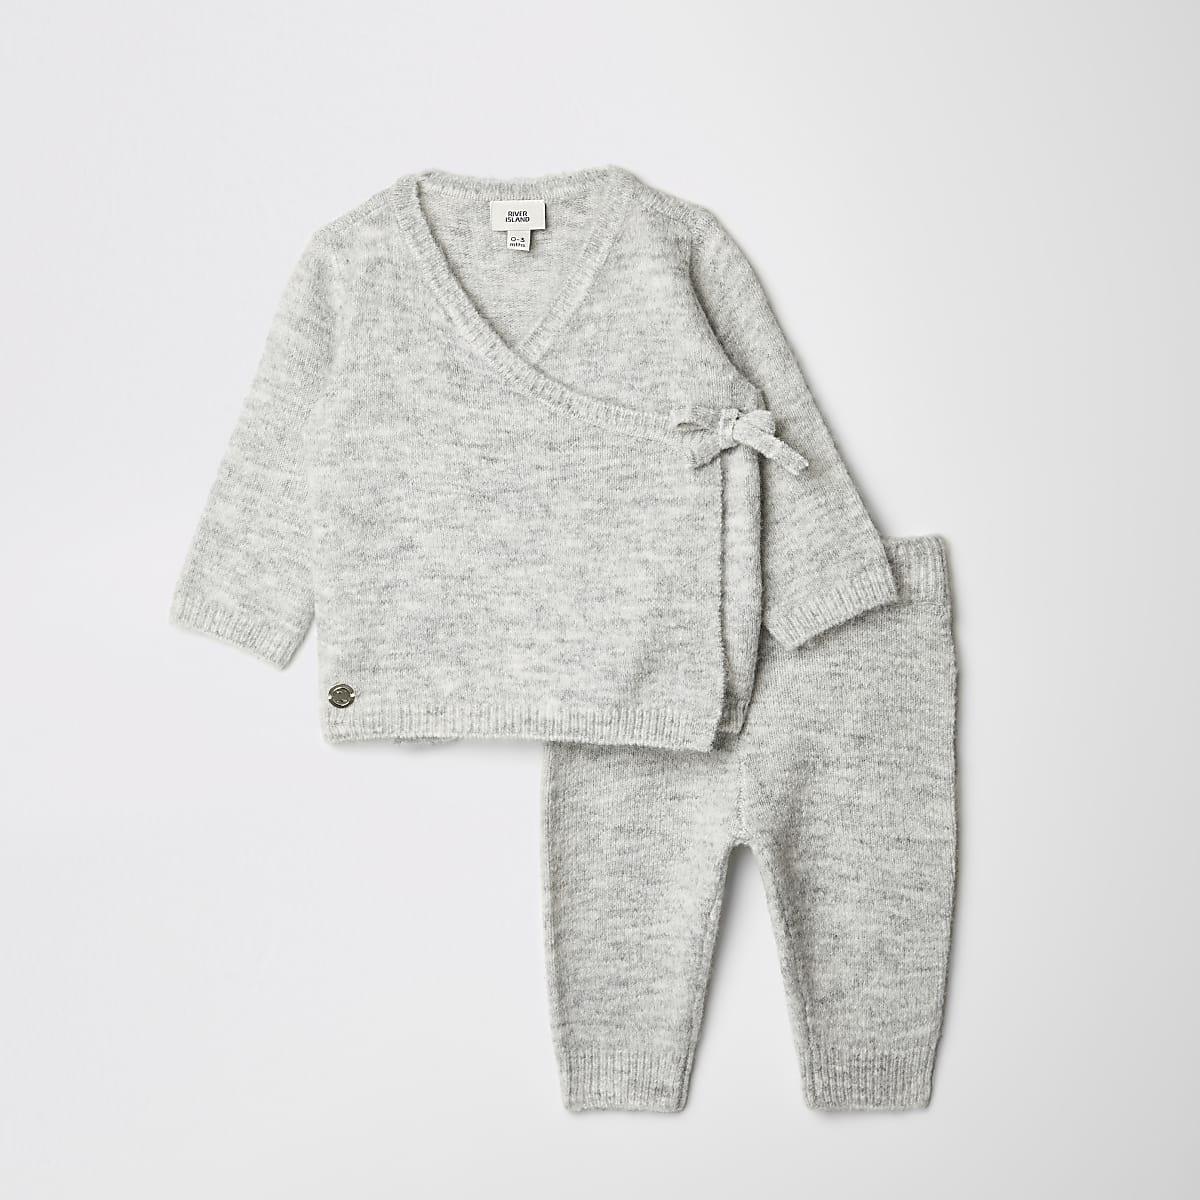 Outfit met grijs gebreid vest met overslag voor baby's